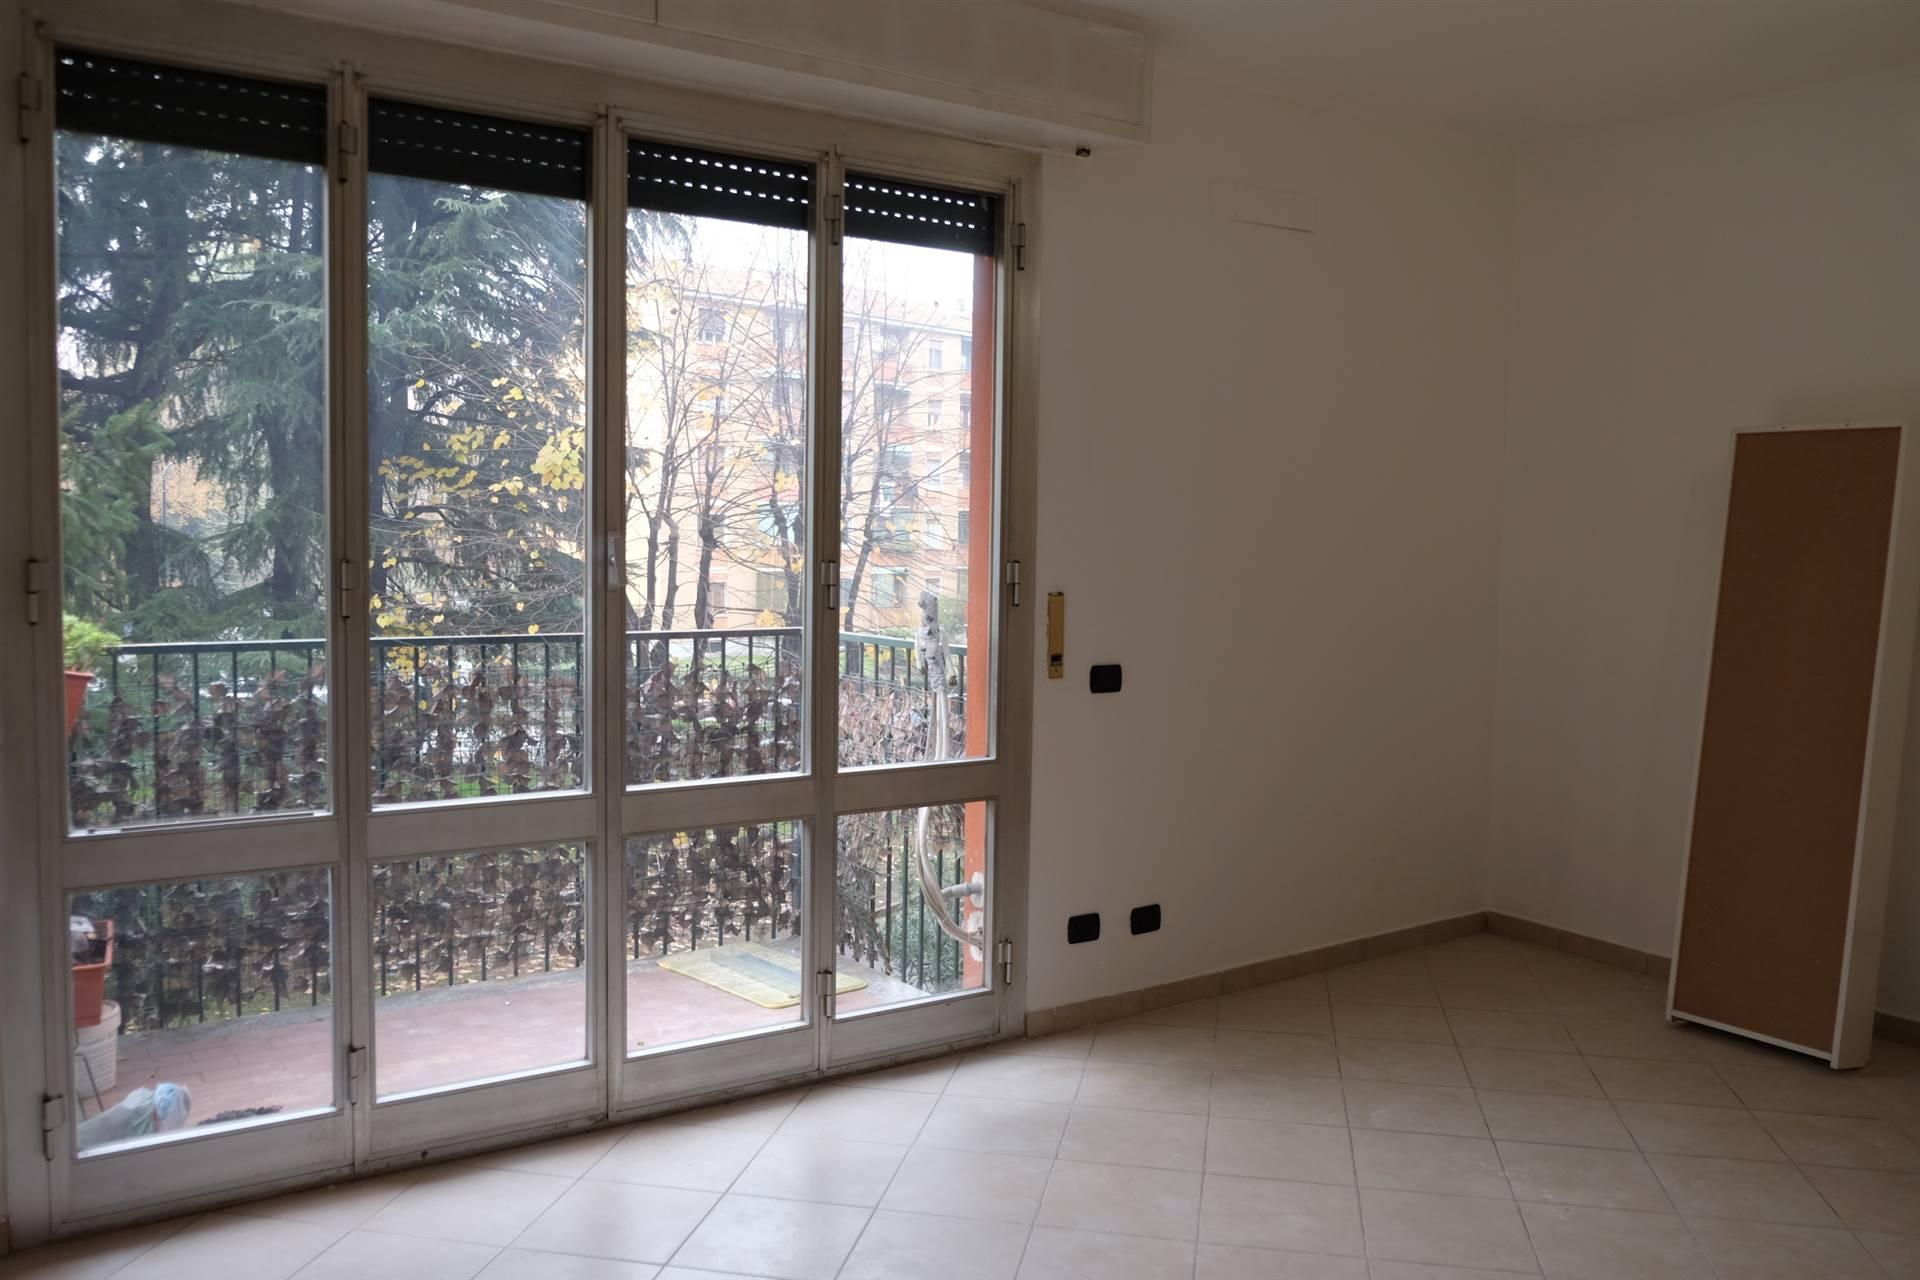 Appartamento in vendita a Milano, 3 locali, zona Affori, Bovisa, Niguarda, Testi, Dergano, Comasina, prezzo € 245.000 | PortaleAgenzieImmobiliari.it